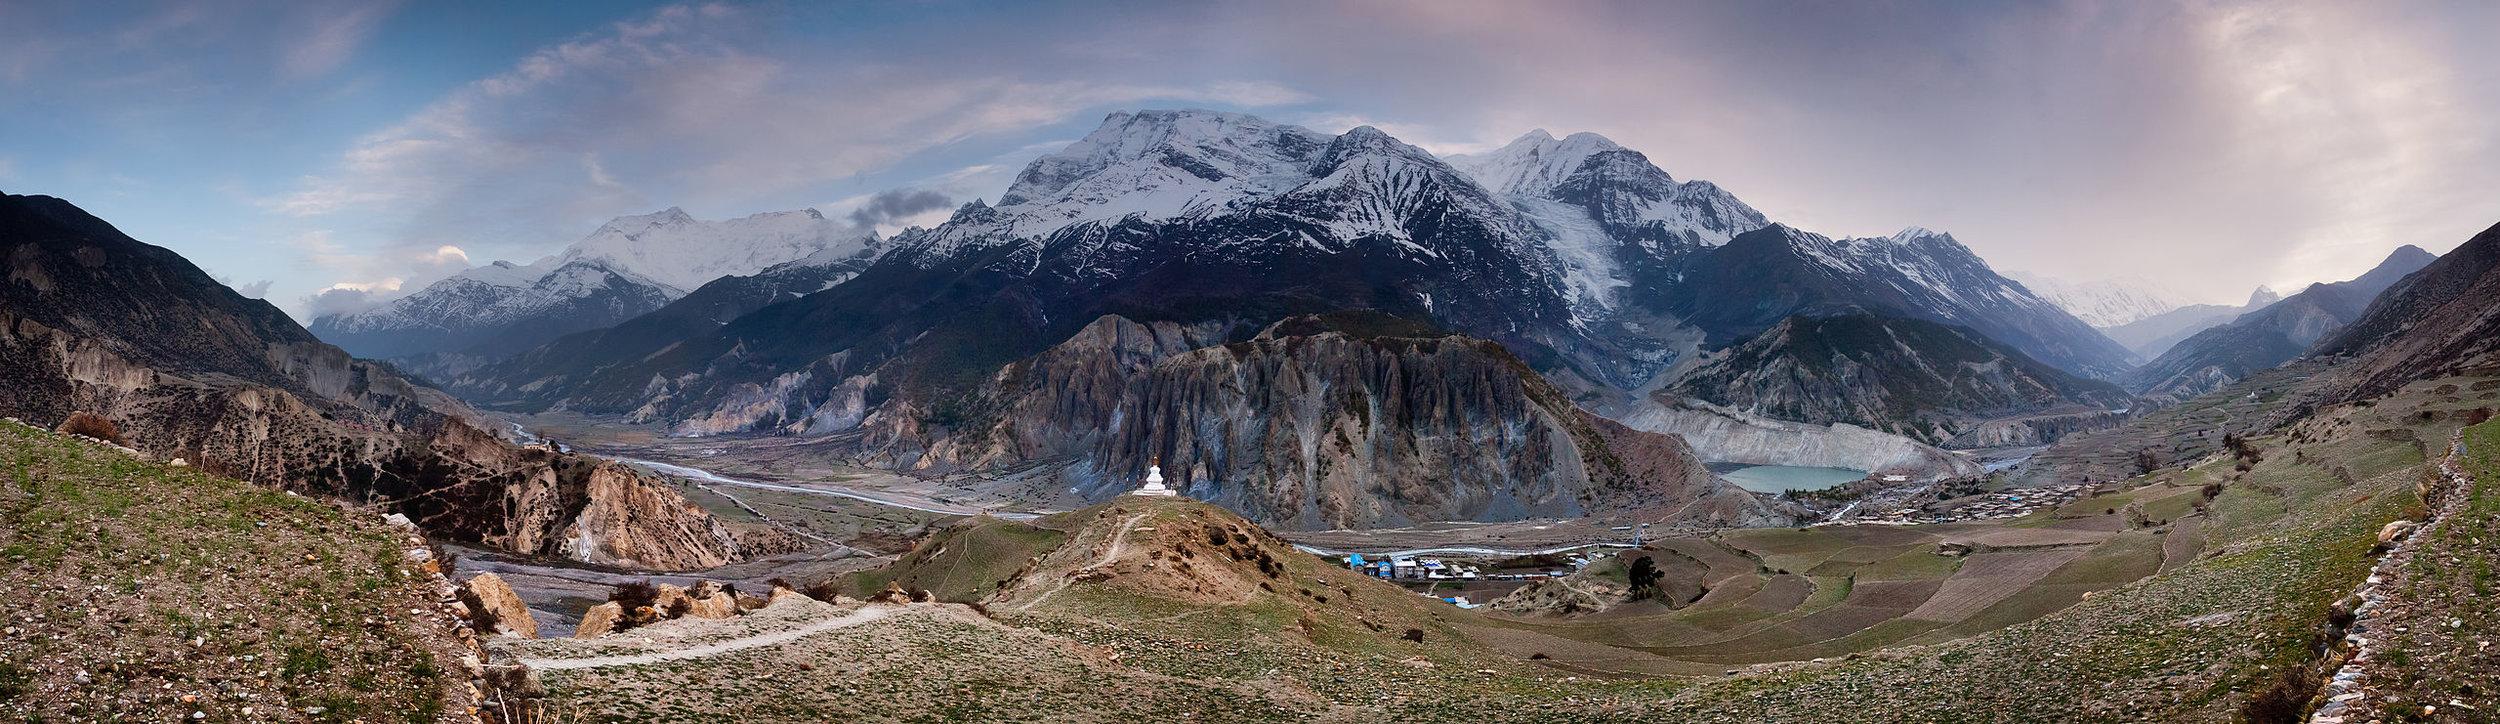 Annapurna_Massif_Panorama.jpg